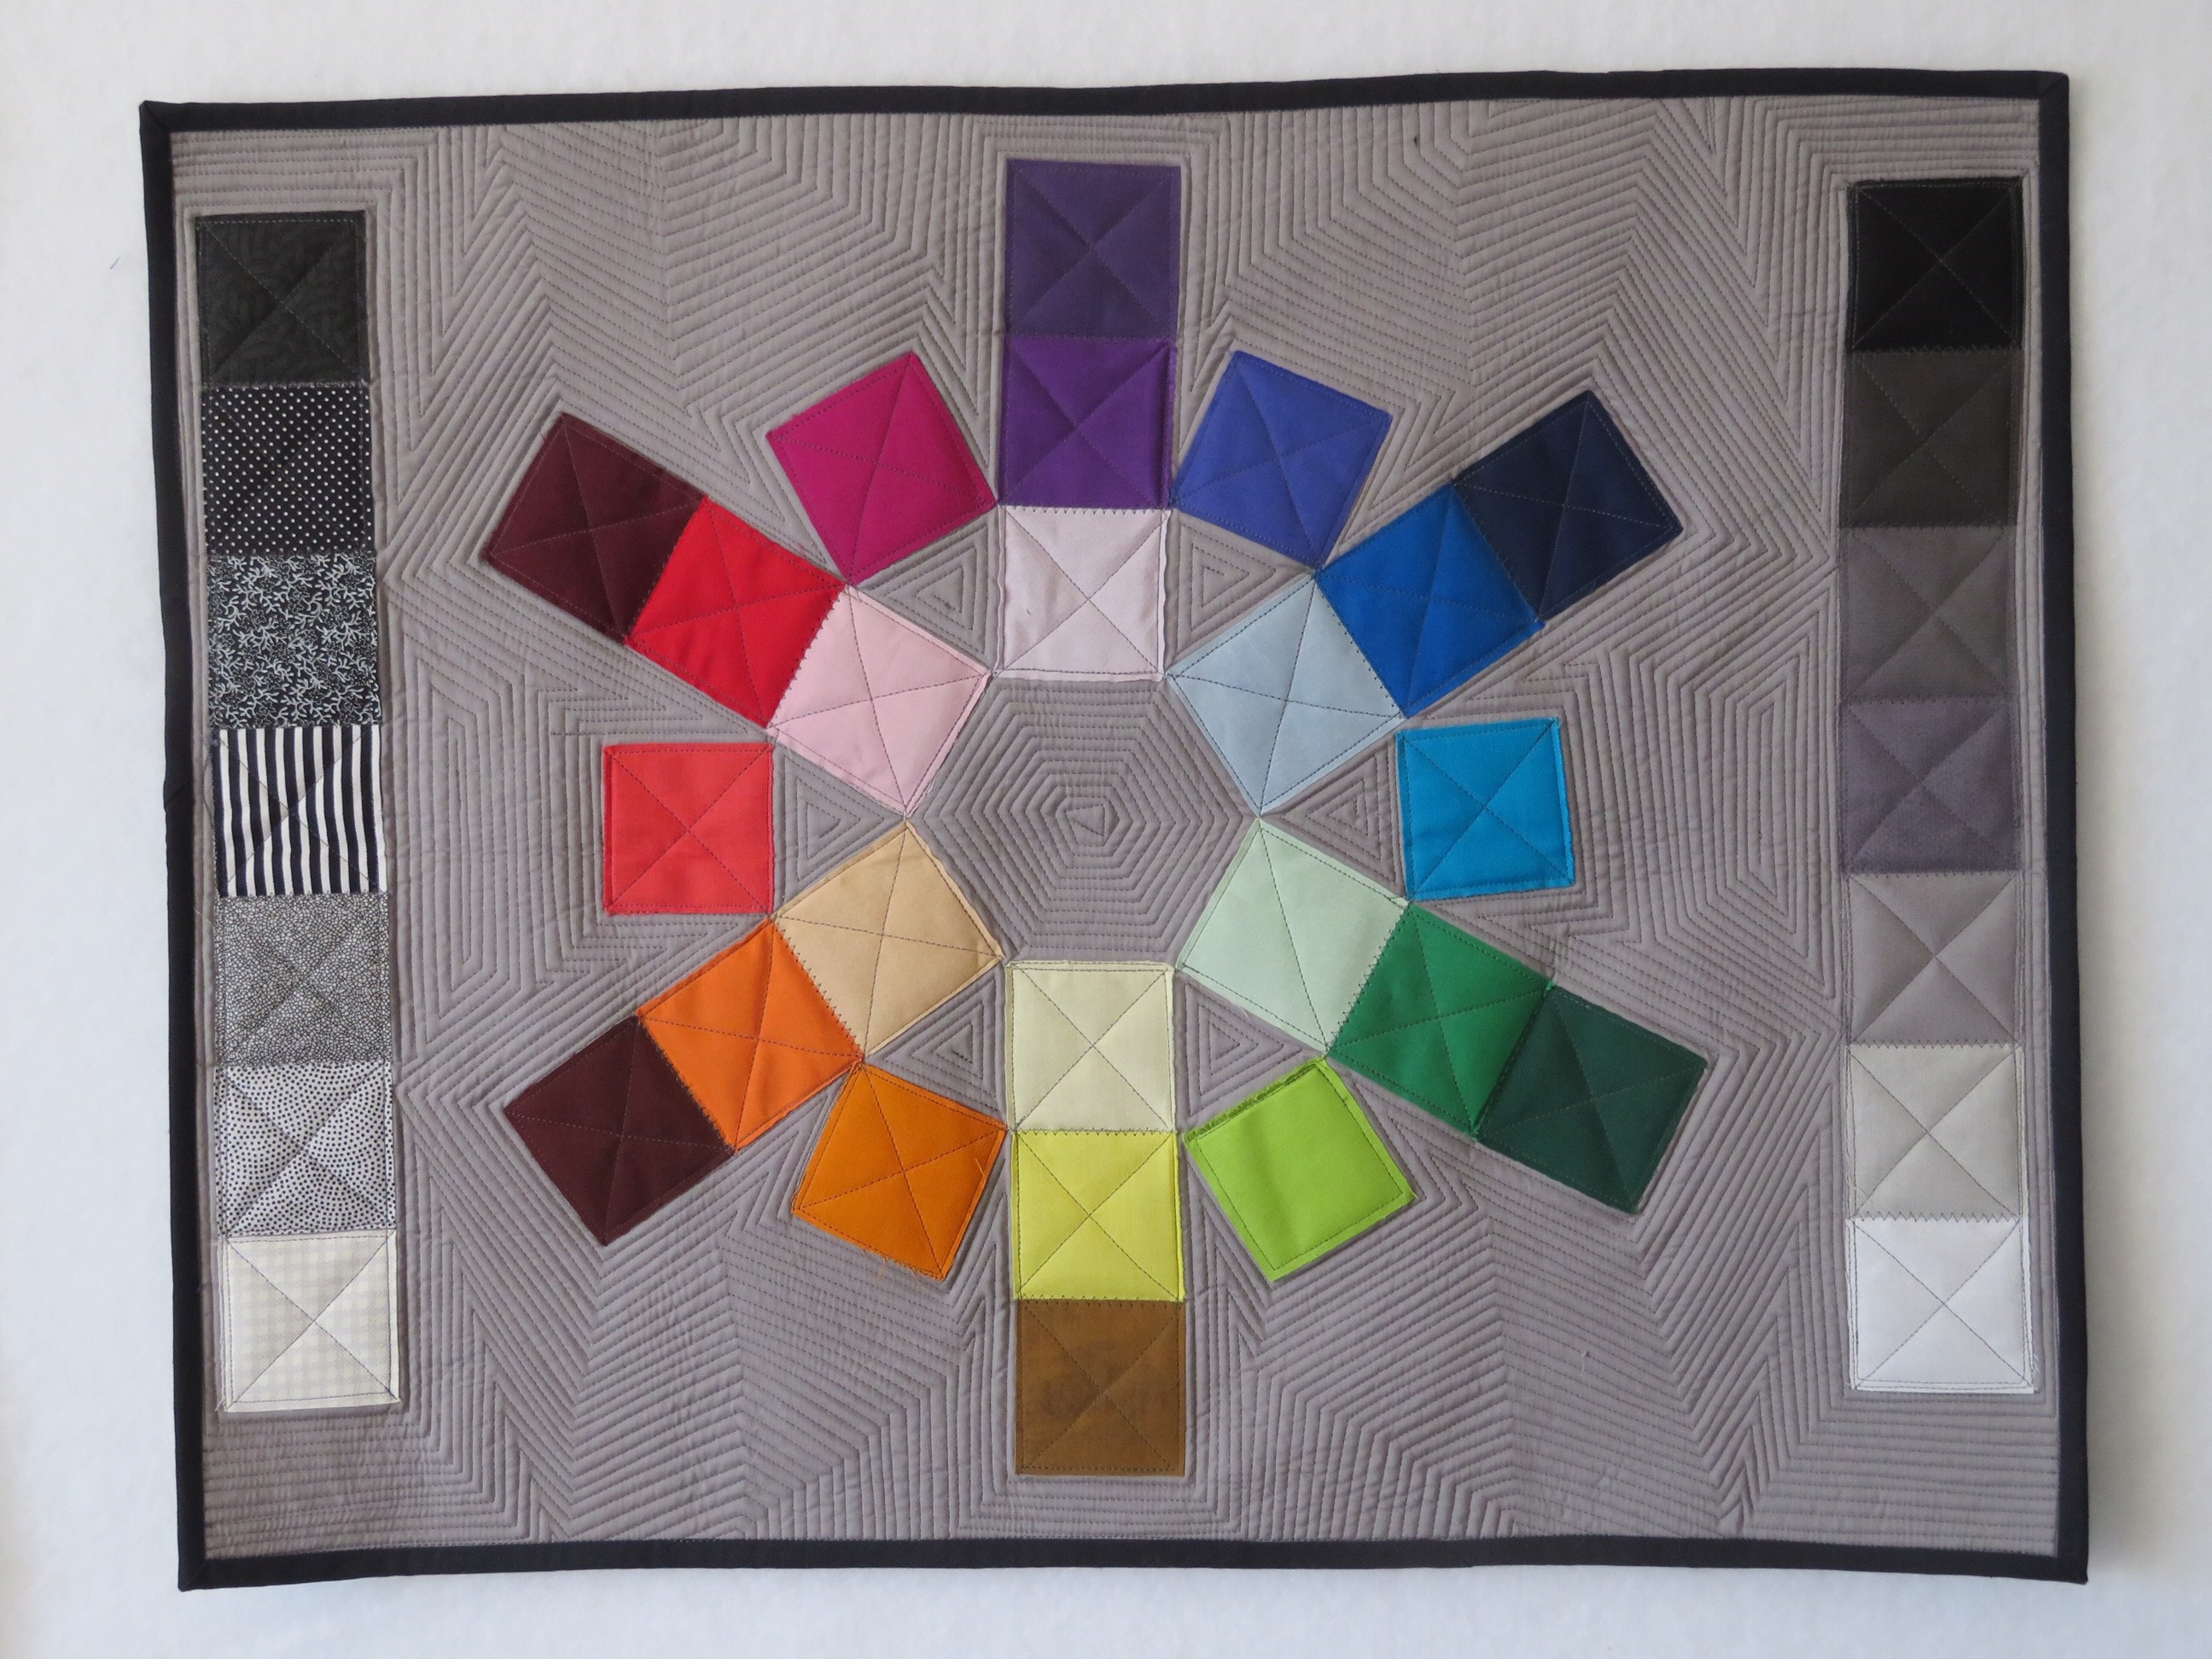 WAB.19d - Colour and the Colour Wheel - WORKSHOP